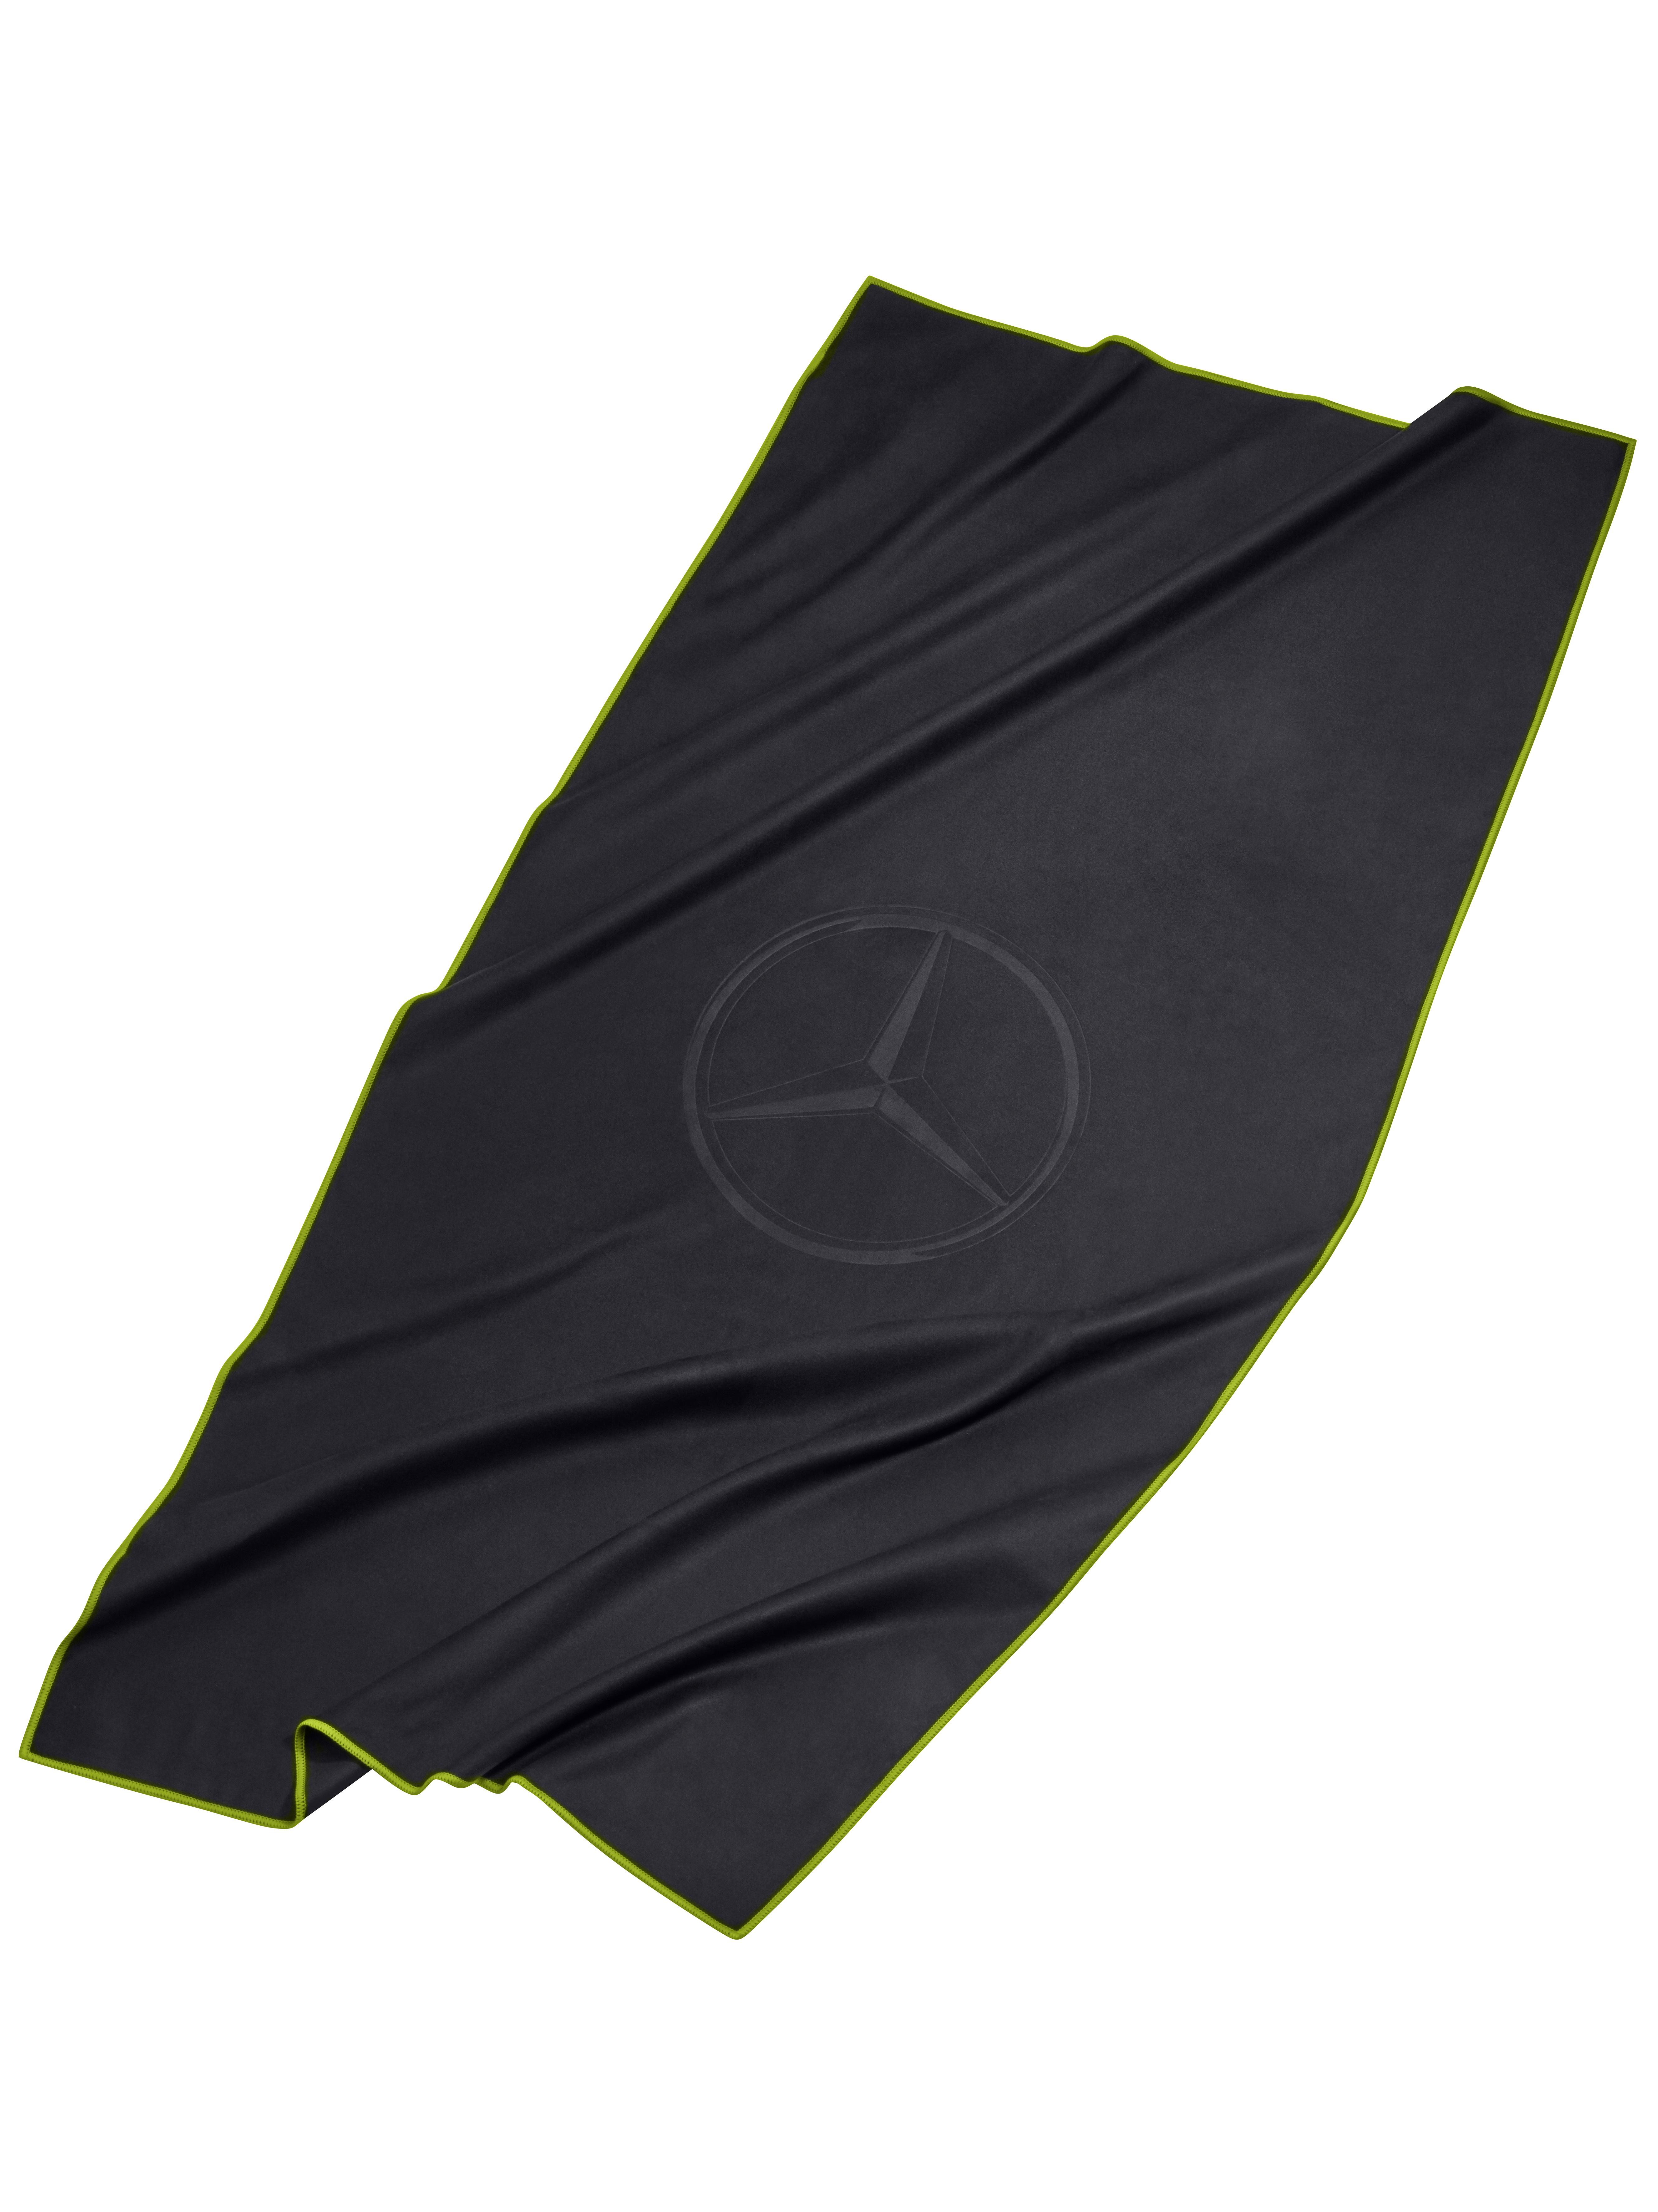 Functionele handdoek